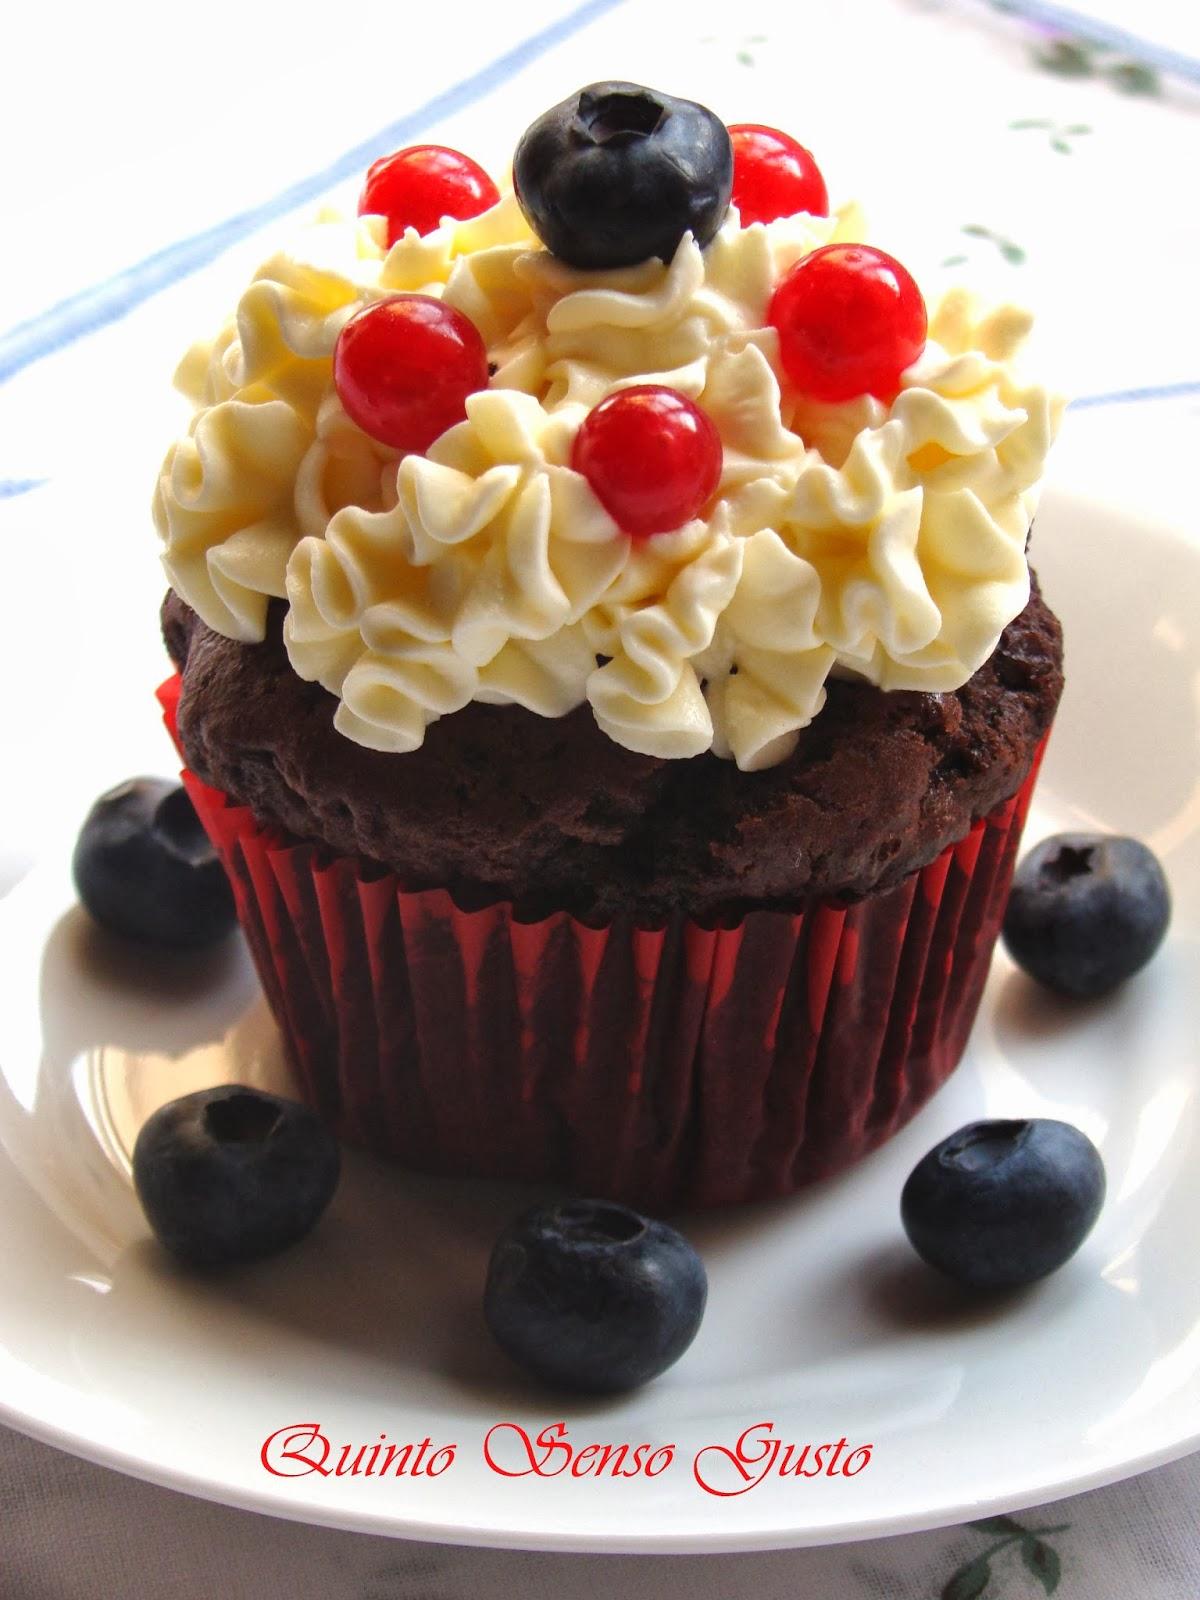 cupcake al cioccolato amaro con crema al mascarpone e vaniglia ai mirtilli e ribes